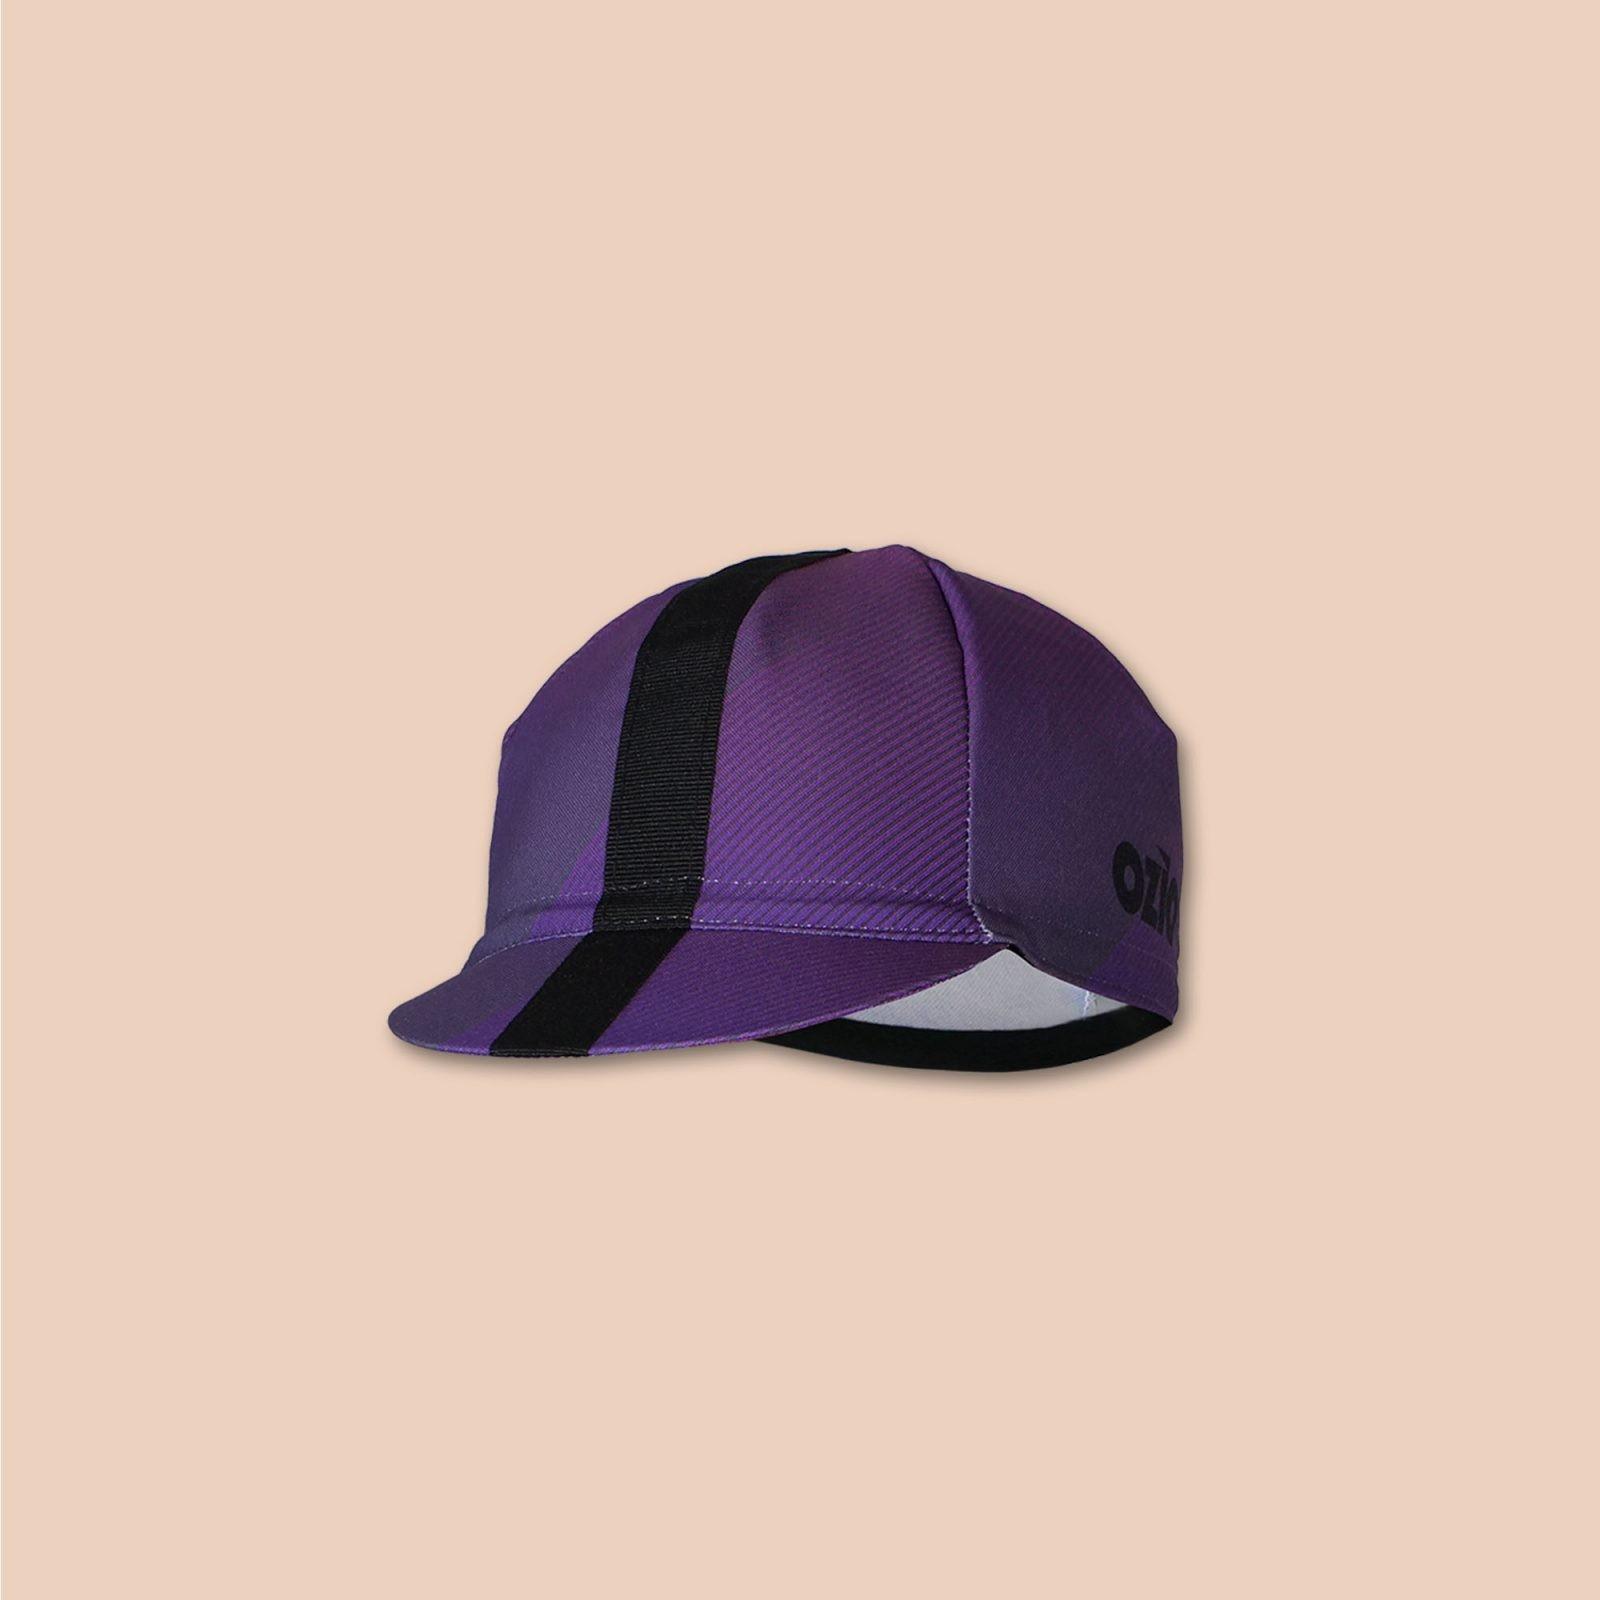 Casquette vélo violette